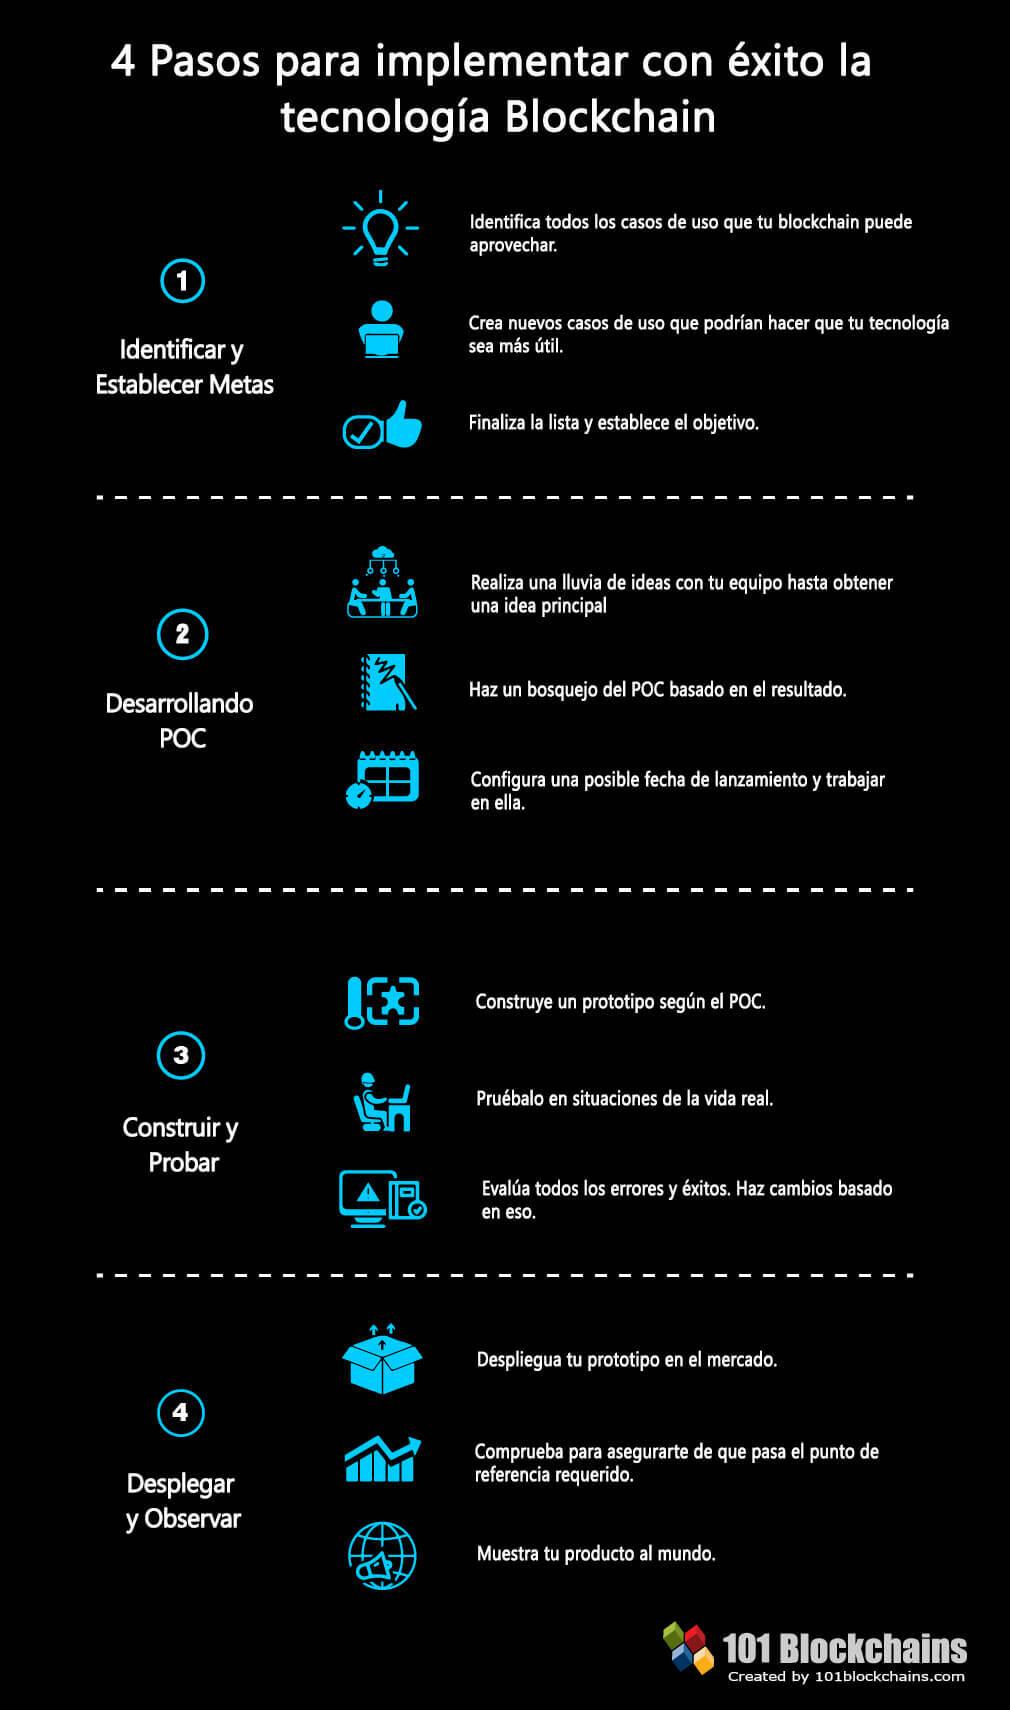 4 pasos para implementar la tecnología blockchain